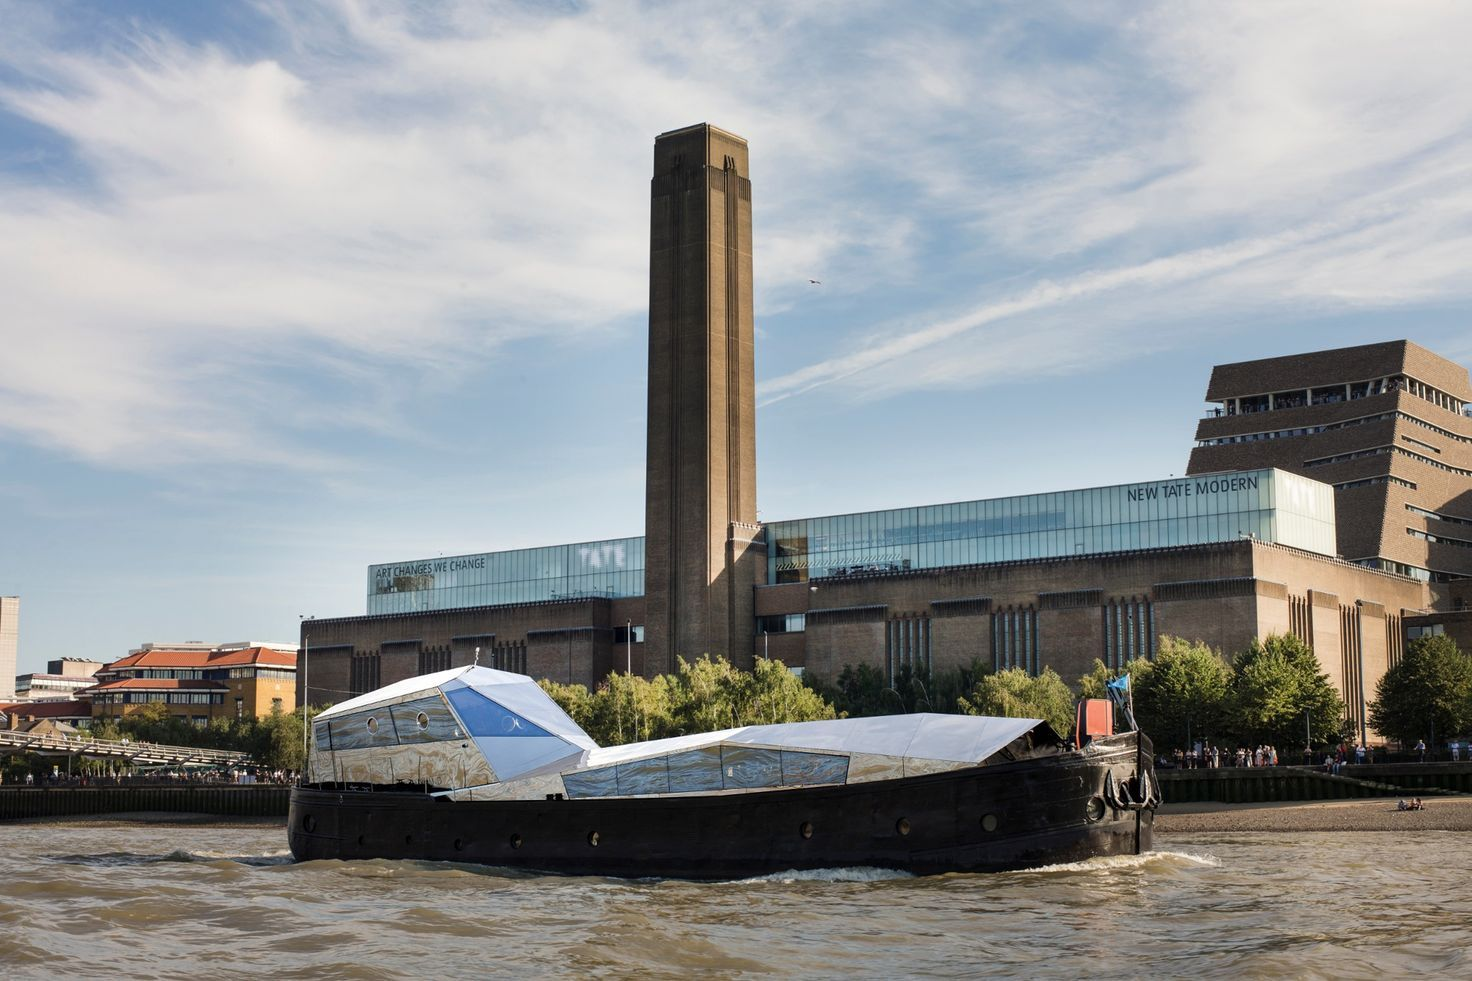 DIsegno - DESIGNARCHITECTUREREPORT Fluxus on Thames London 26 September 2016